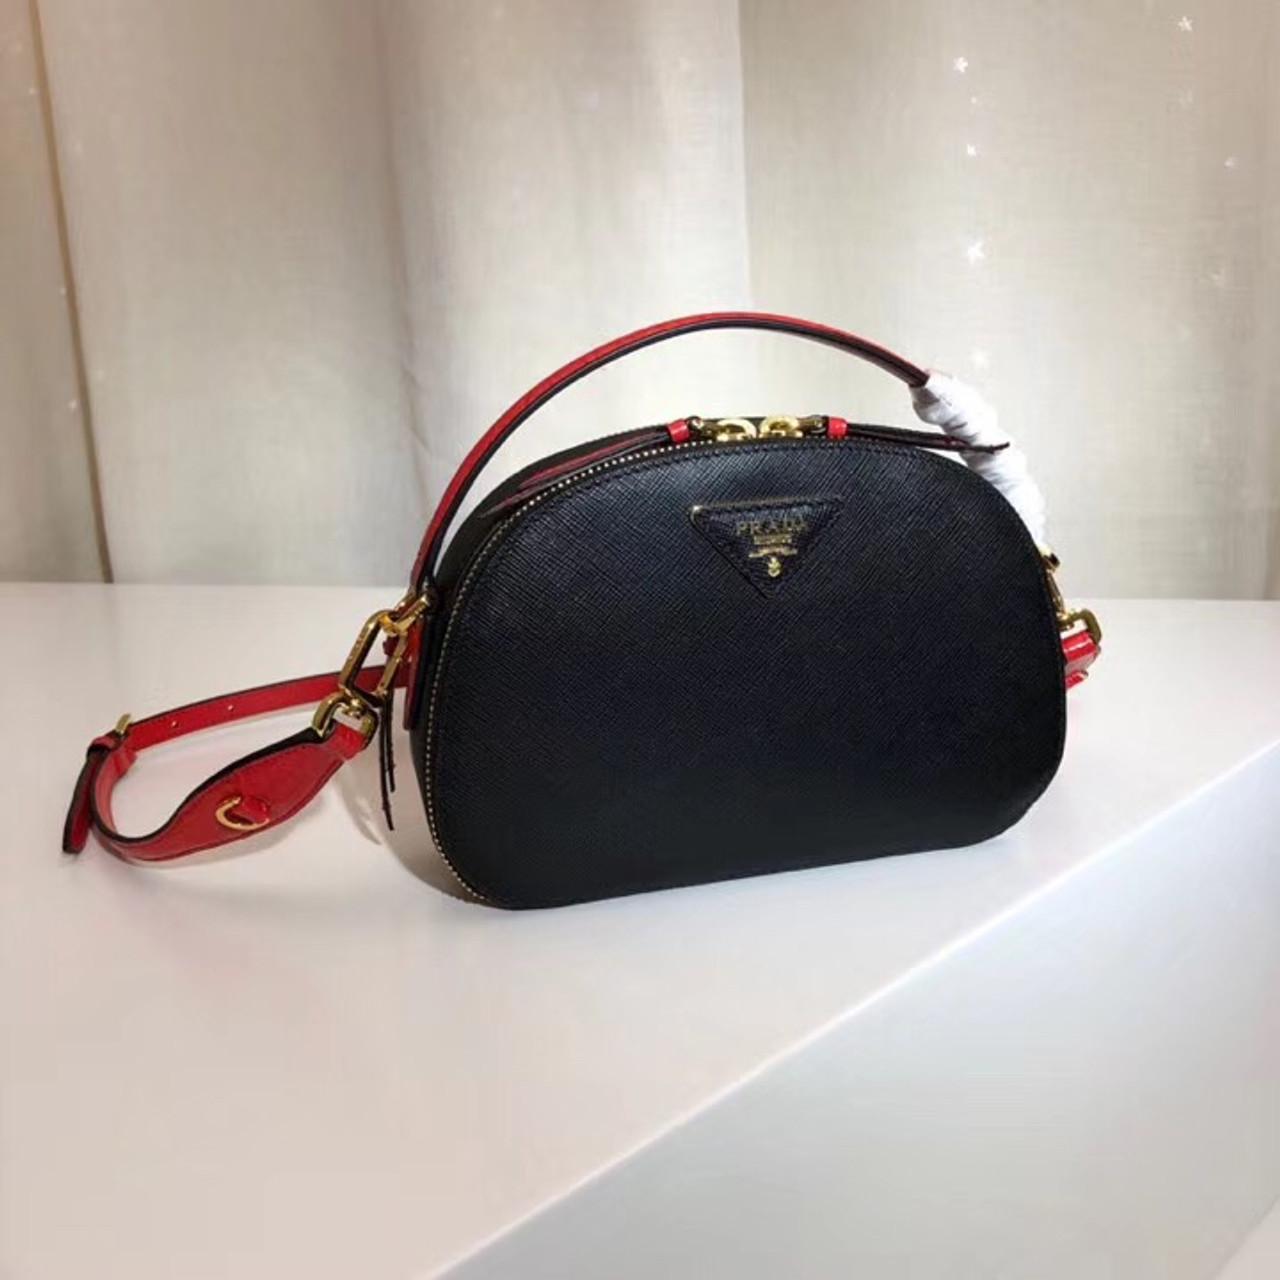 61e10c3c95c0 Prada Odette Saffiano leather bag Black/Red - Bella Vita Moda